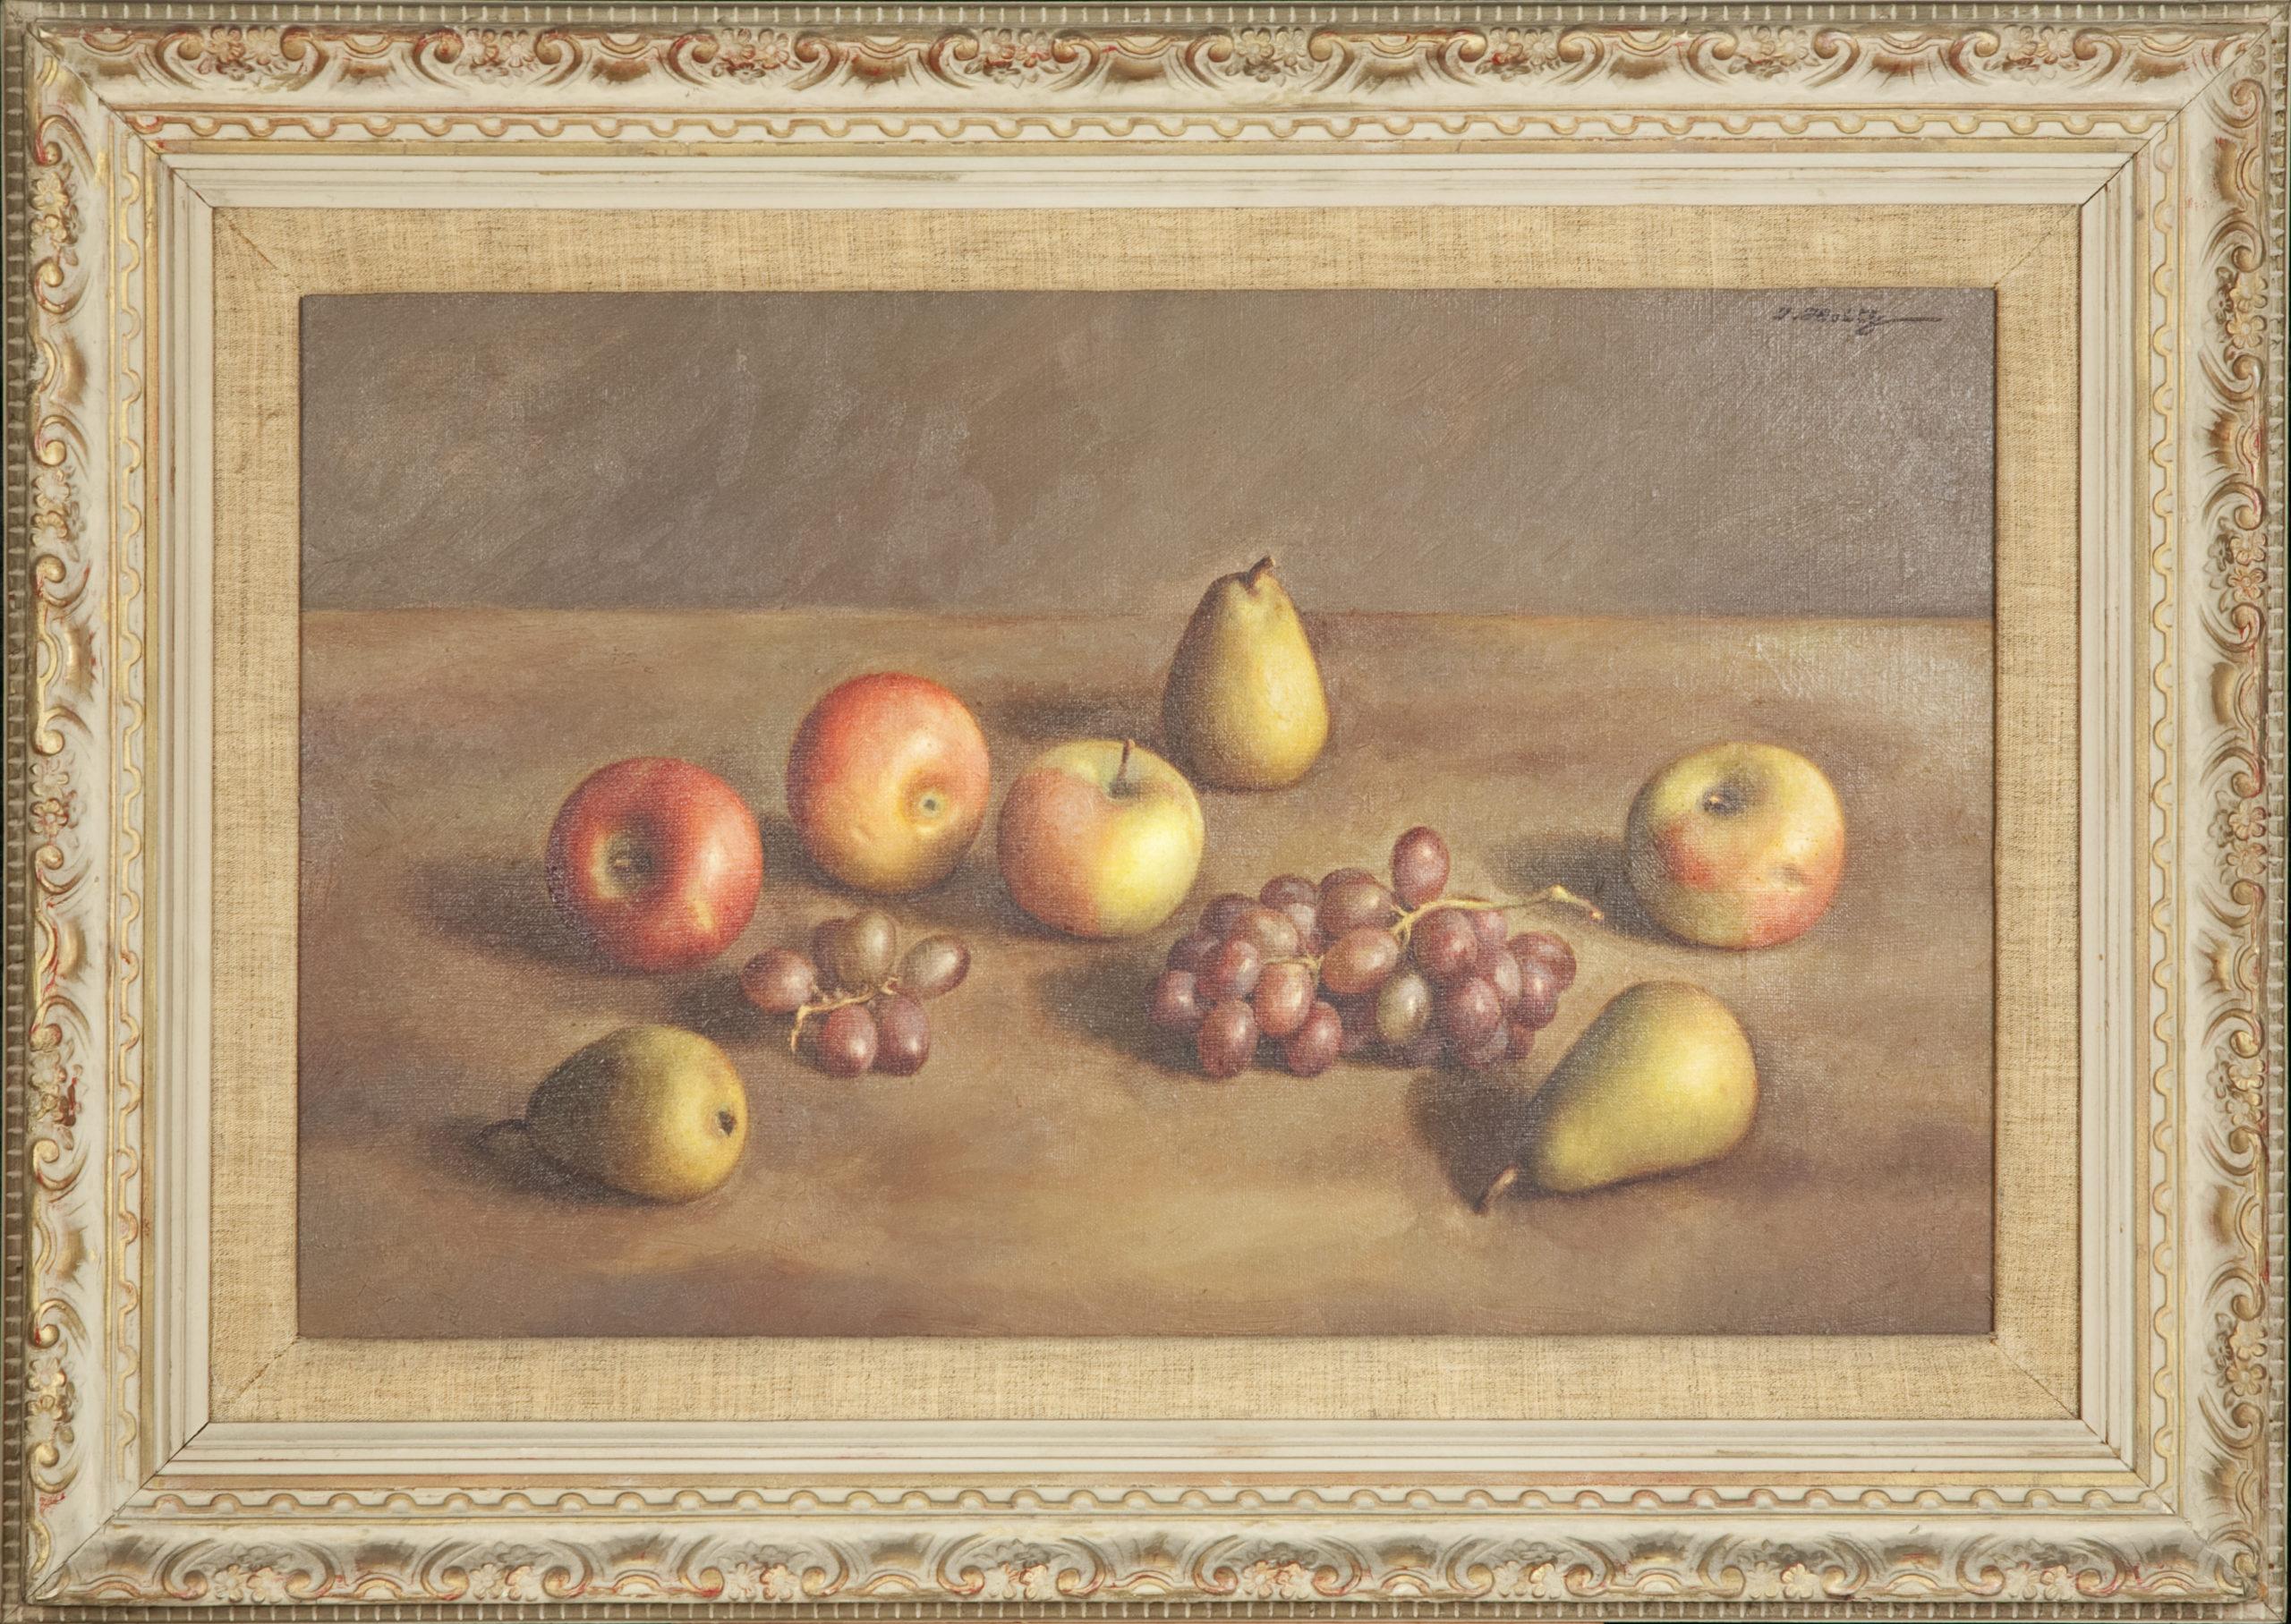 242 Still Life with Gr 1953 - Oil on Canvas - 23.25 x 16.5 - Frame: 34.125 x 23.5 x 1.75